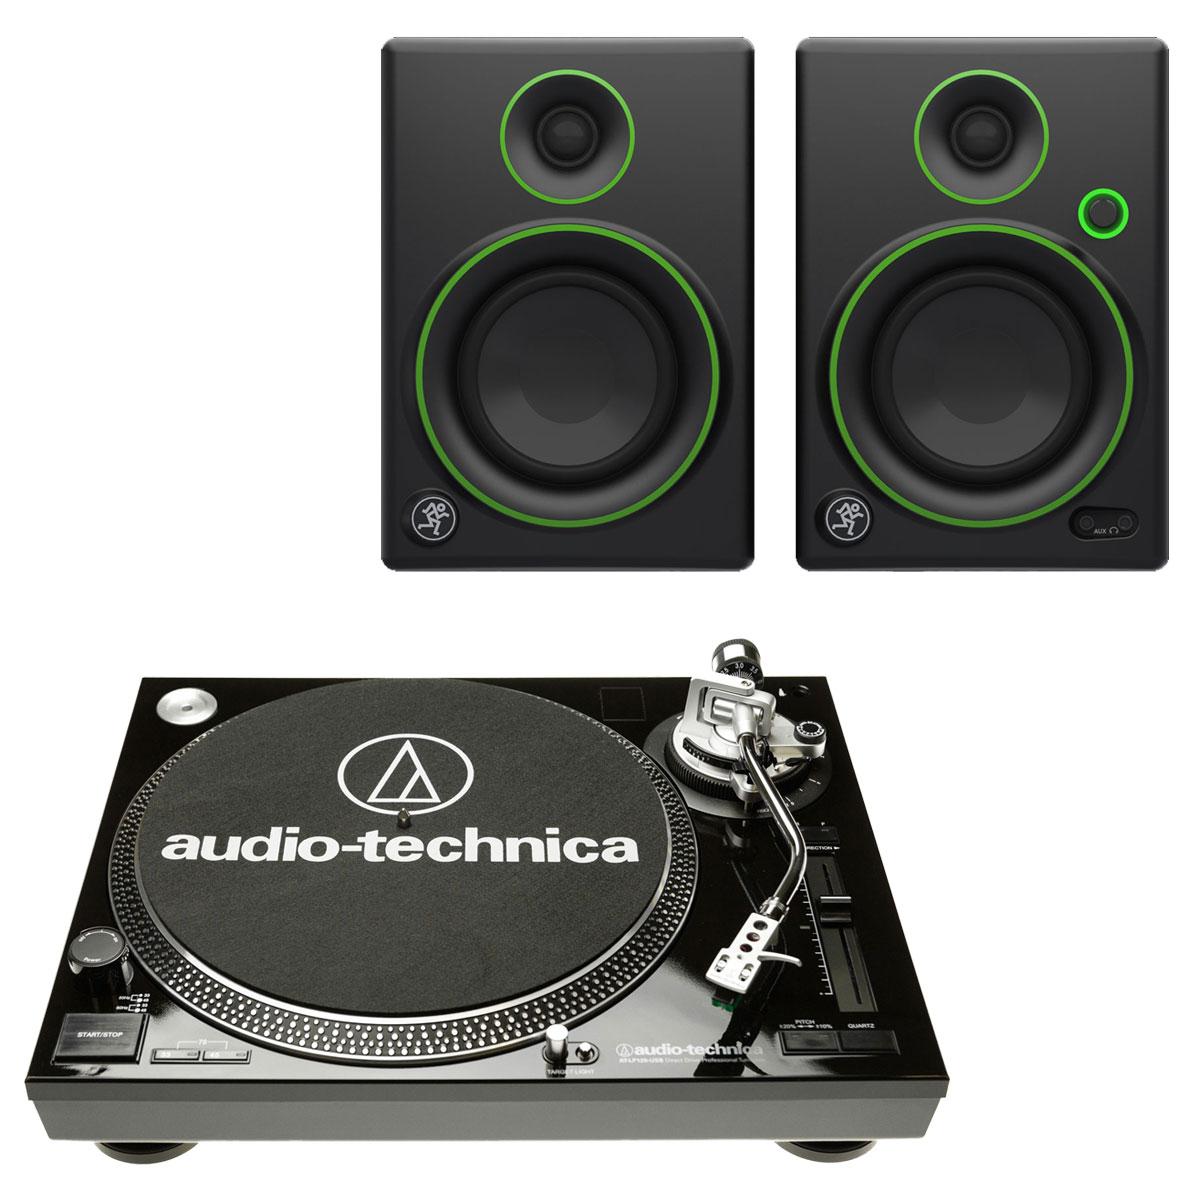 Platine vinyle Audio-Technica AT-LP120USBC Noir + Mackie CR4 Platine vinyle à 3 vitesses (33-45-78 trs/min) avec port USB + Enceintes de monitoring 4'' (par paire)